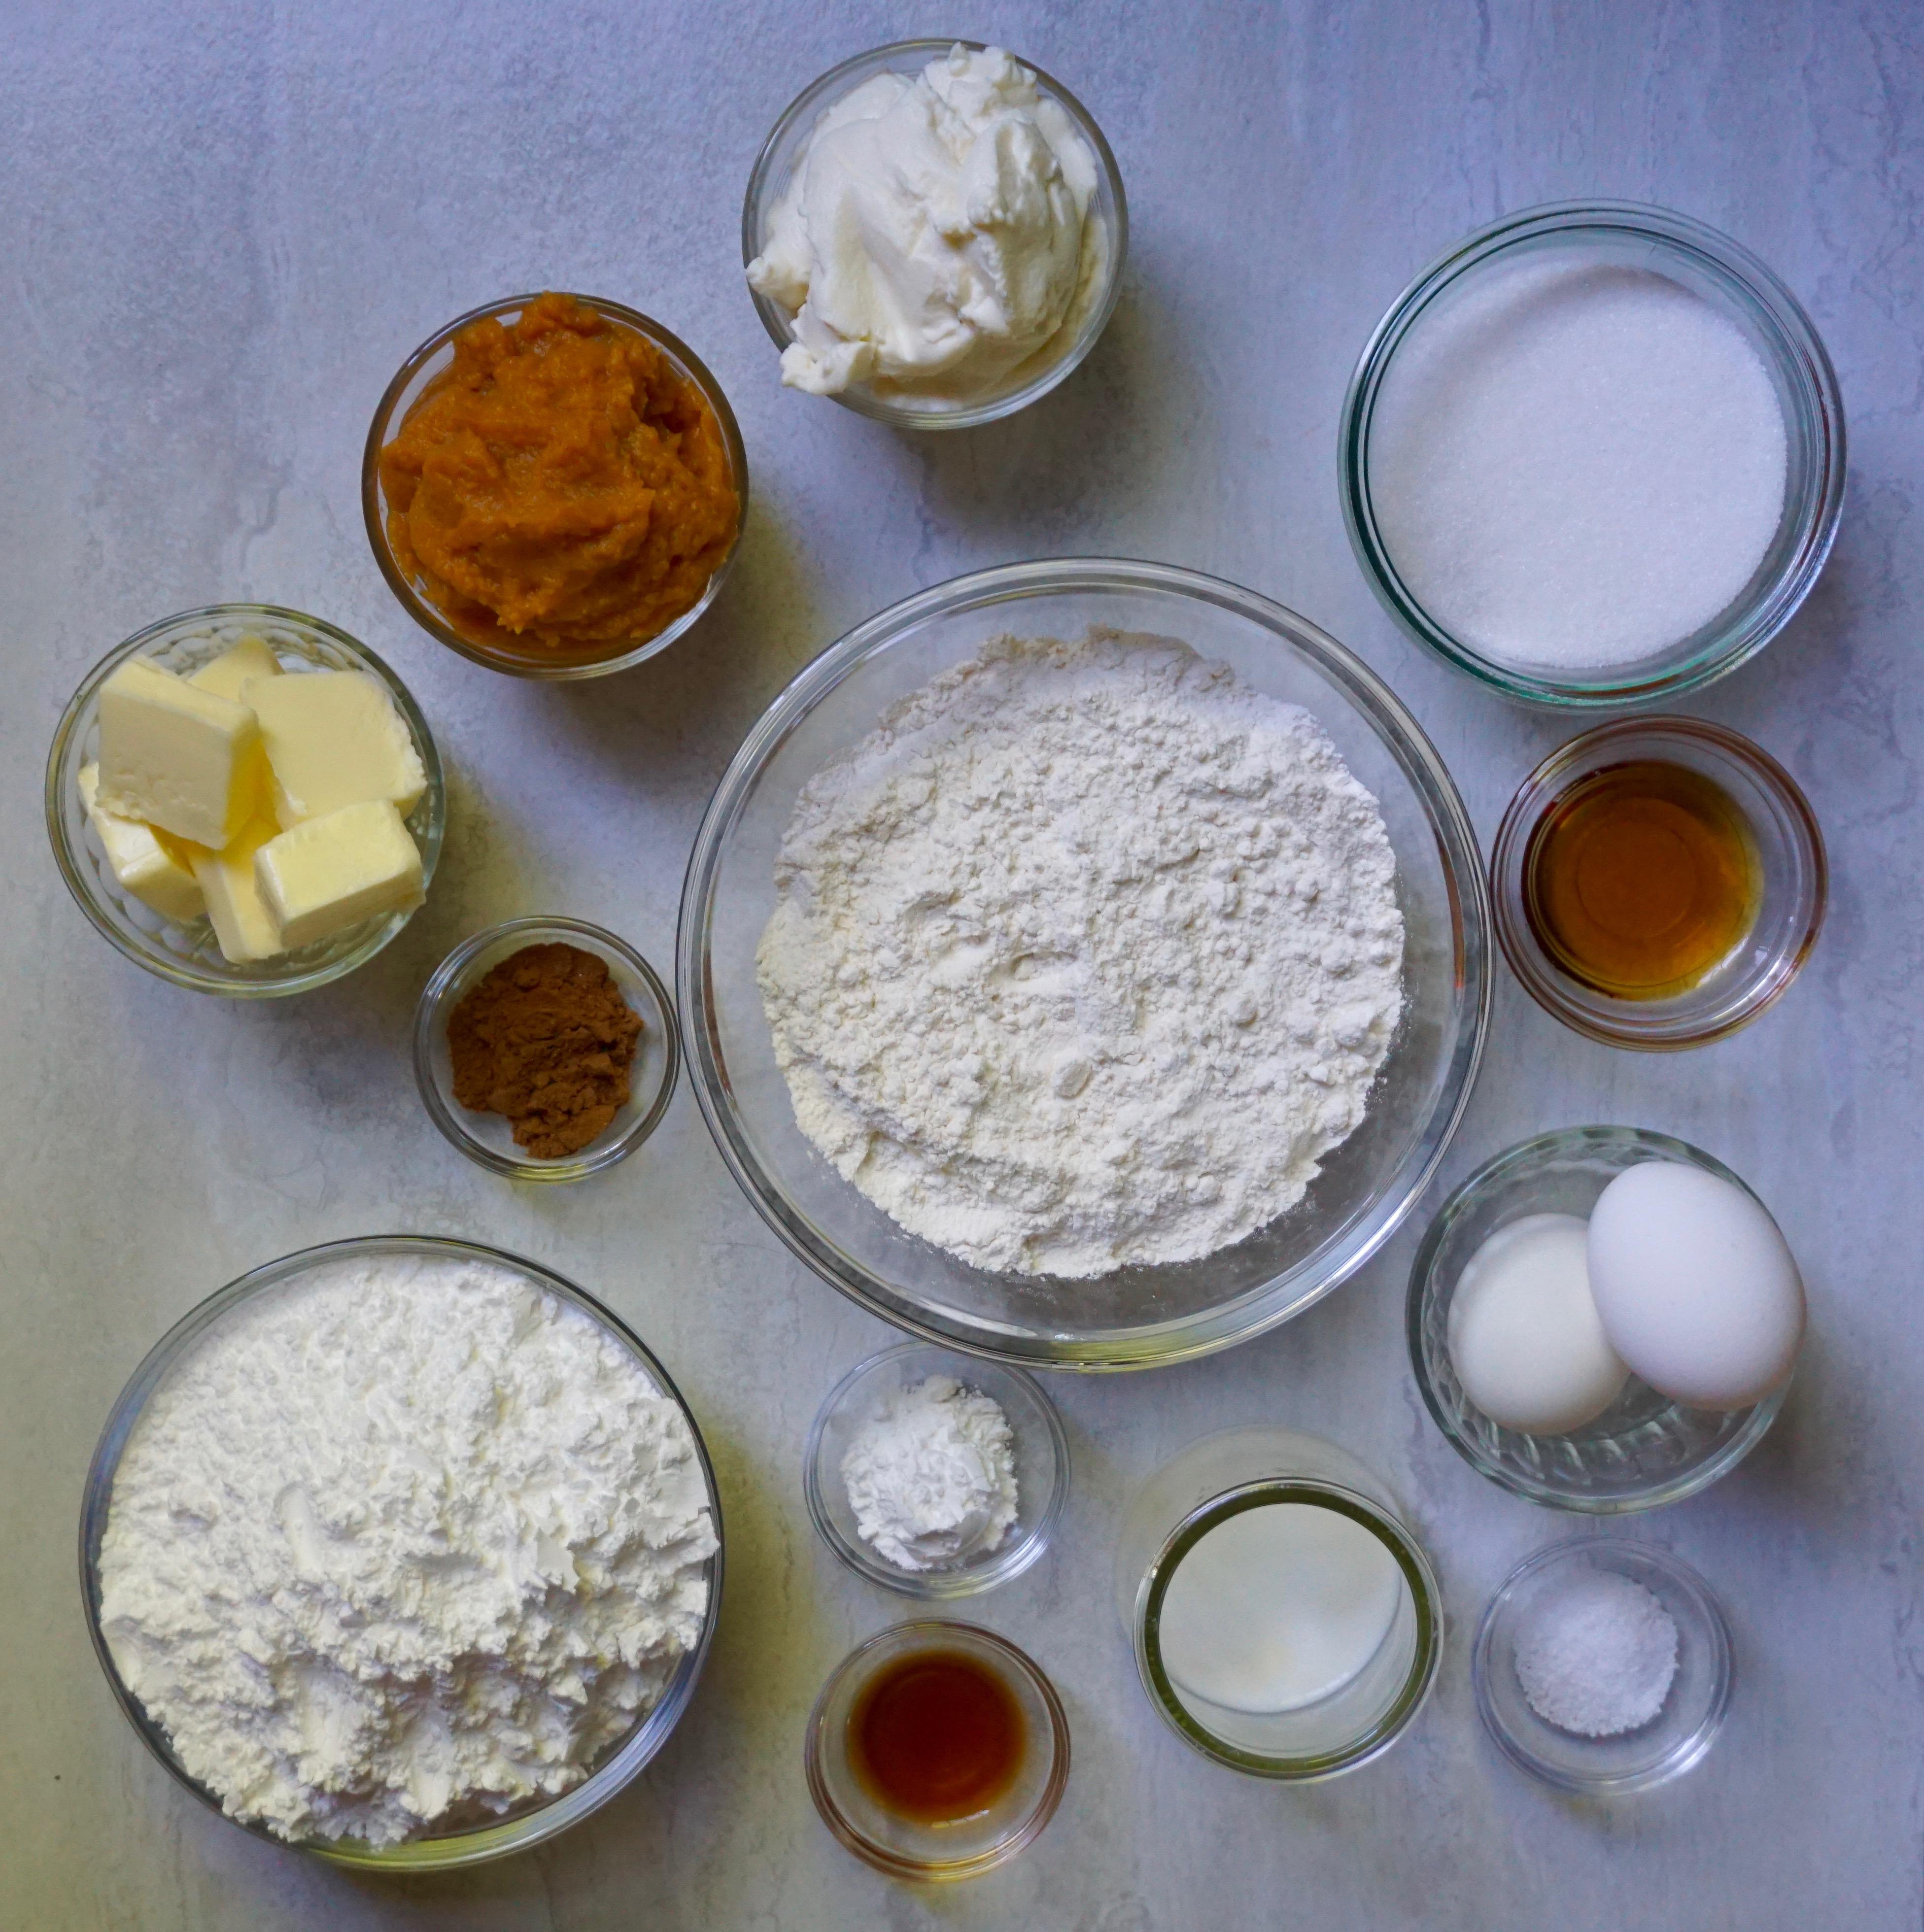 Pumpkin Spice Ricotta cookie ingredients